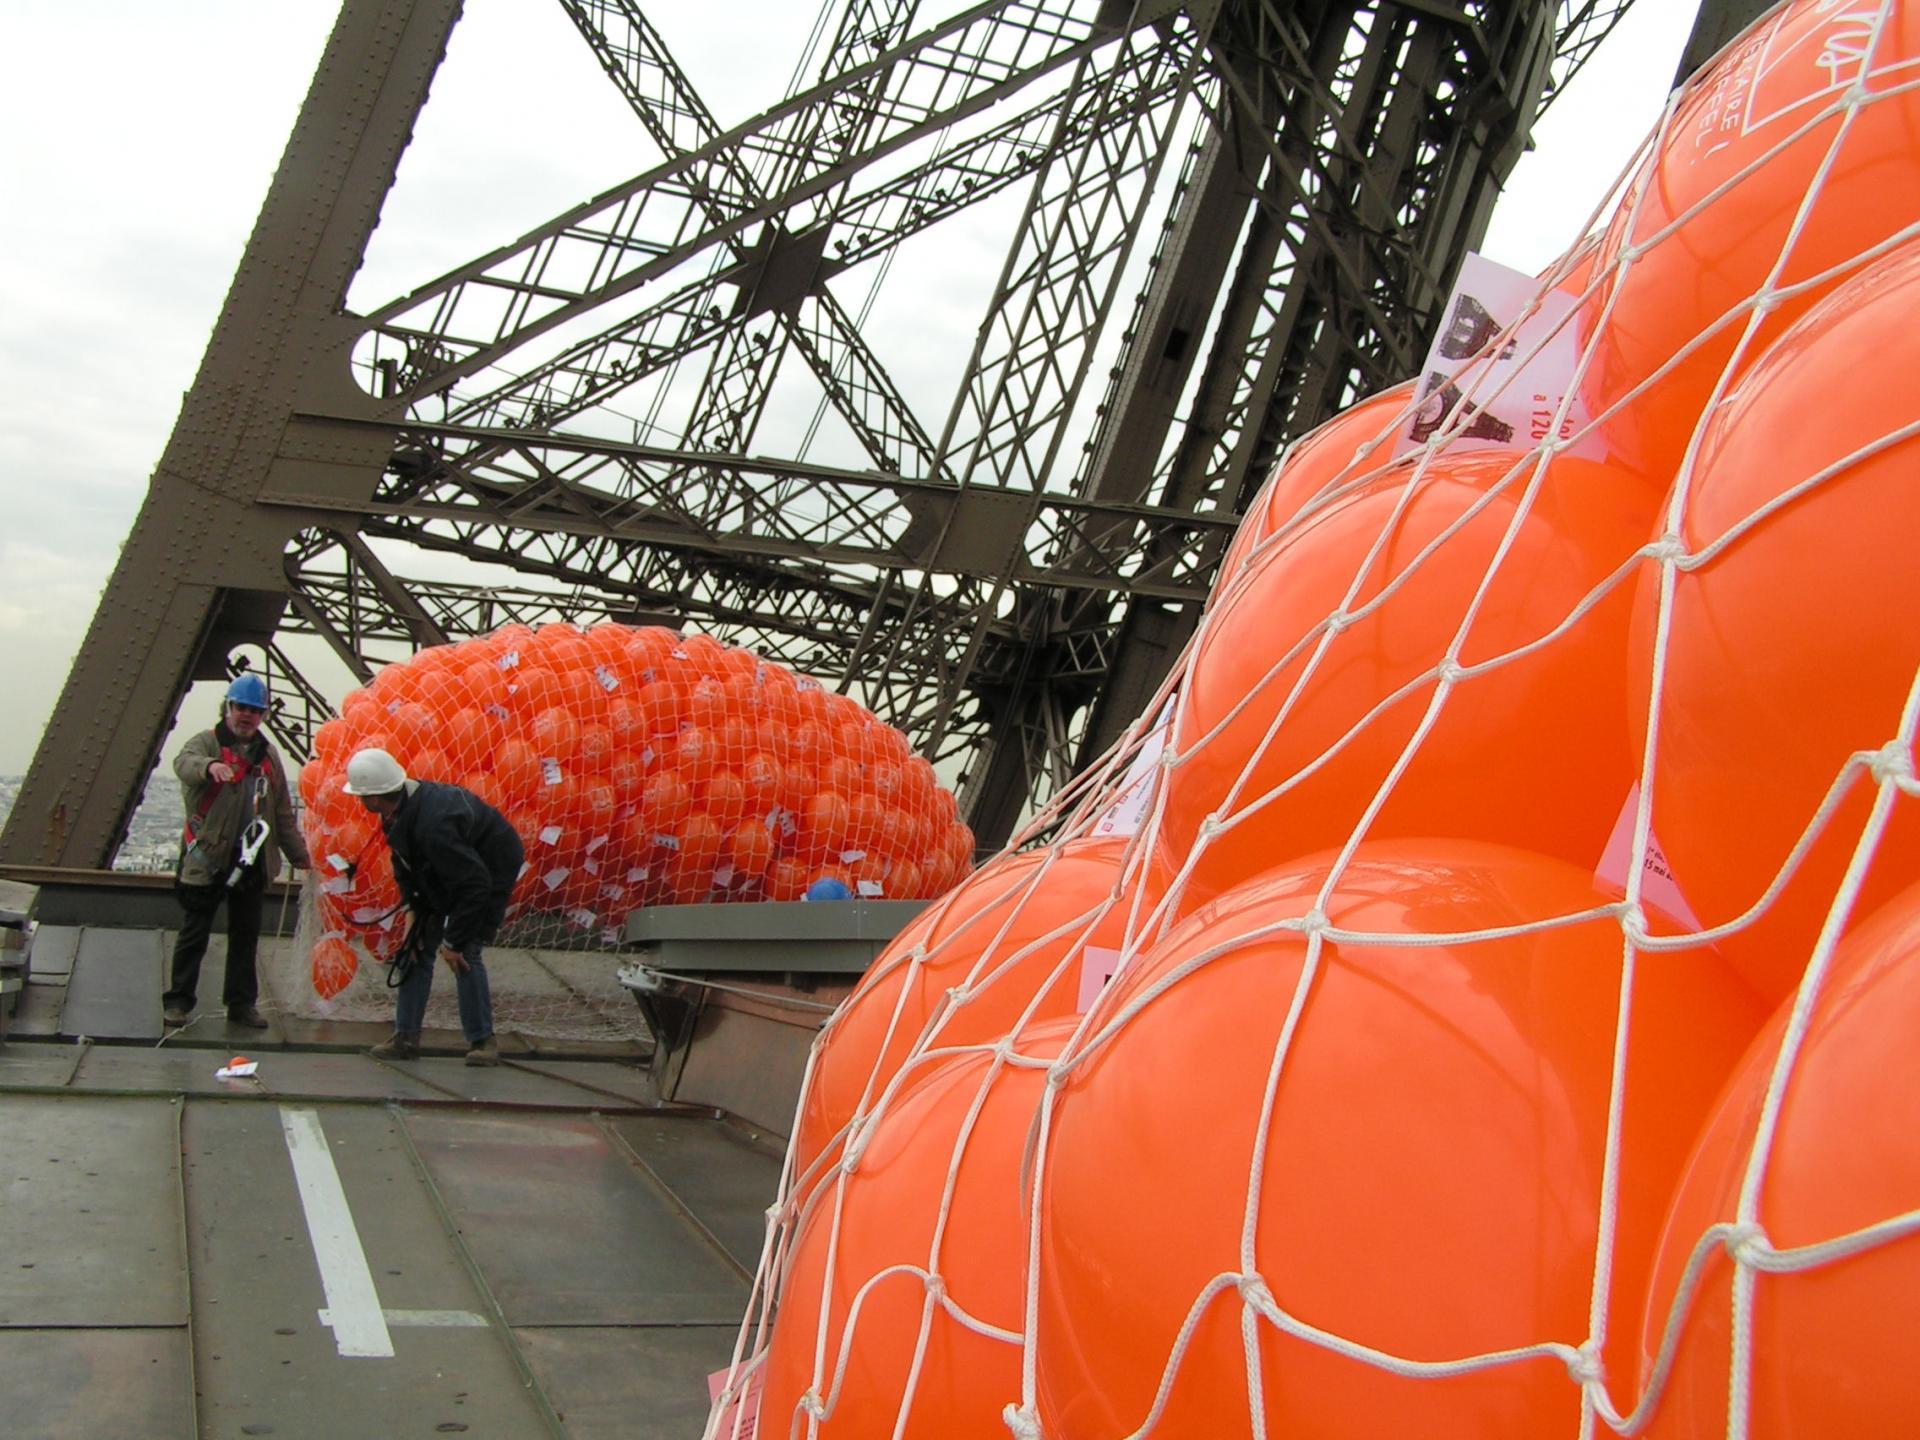 Lacher de ballons, 120 Ans la Tour Eiffel